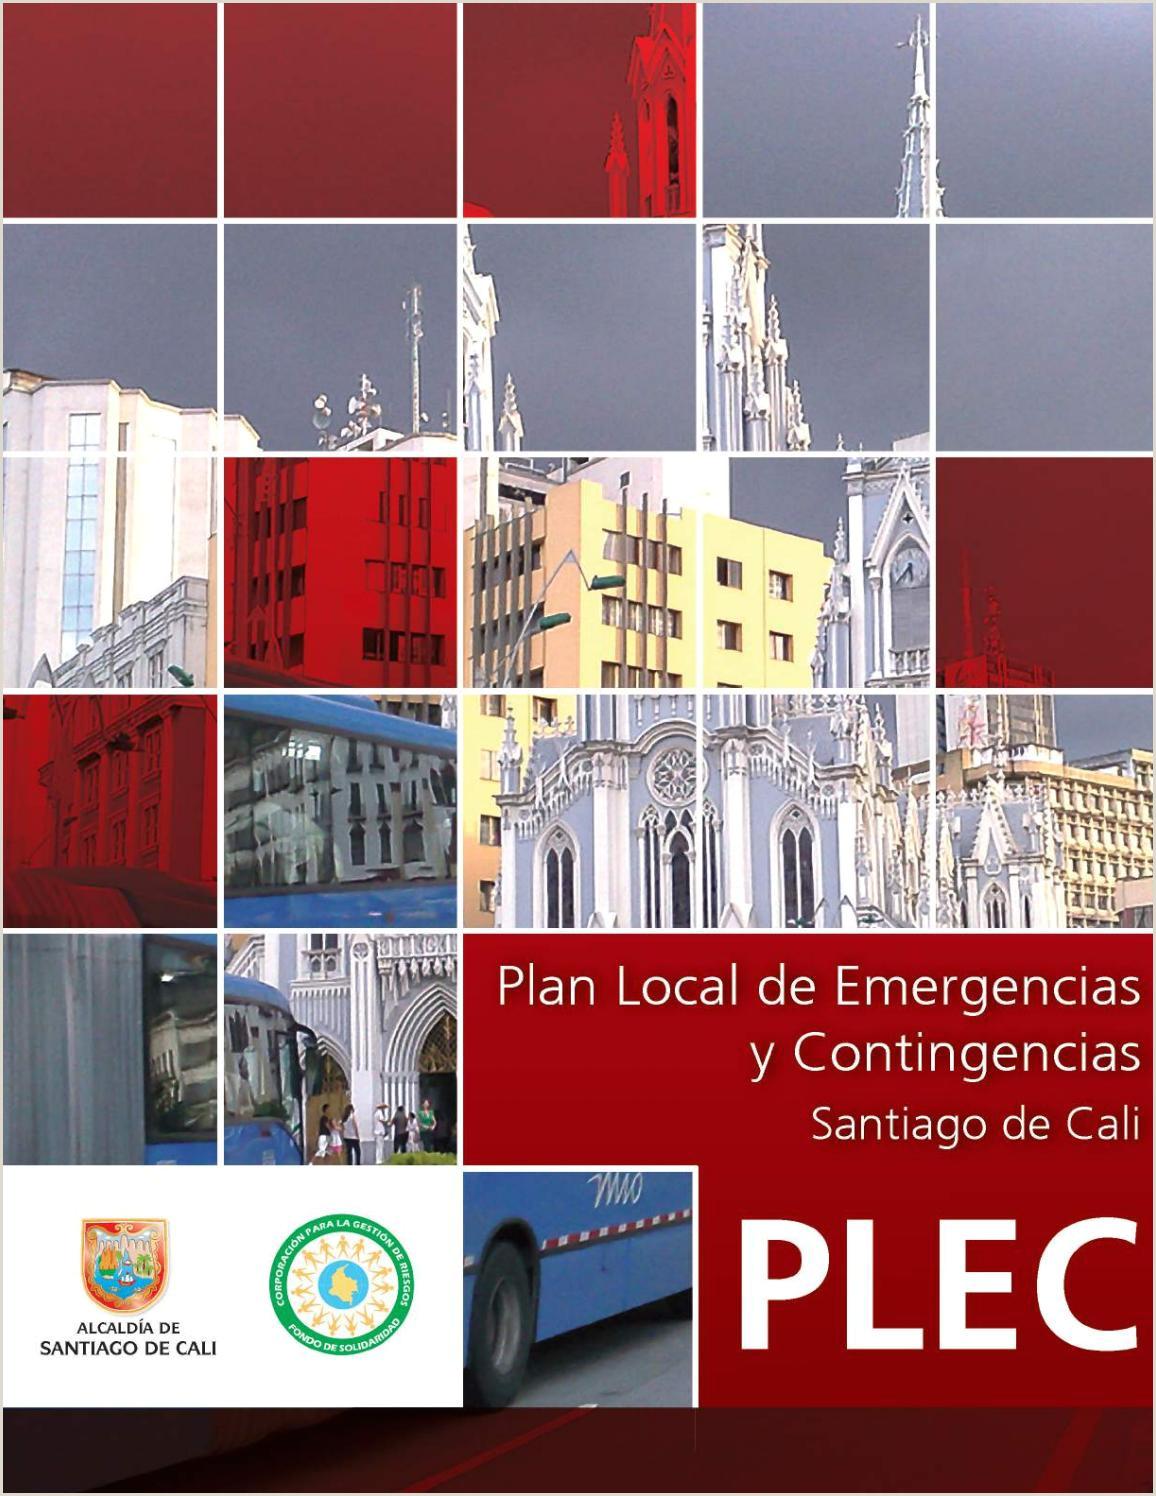 Plan Local de Emergencias y Contigencias Santiago de Cali by